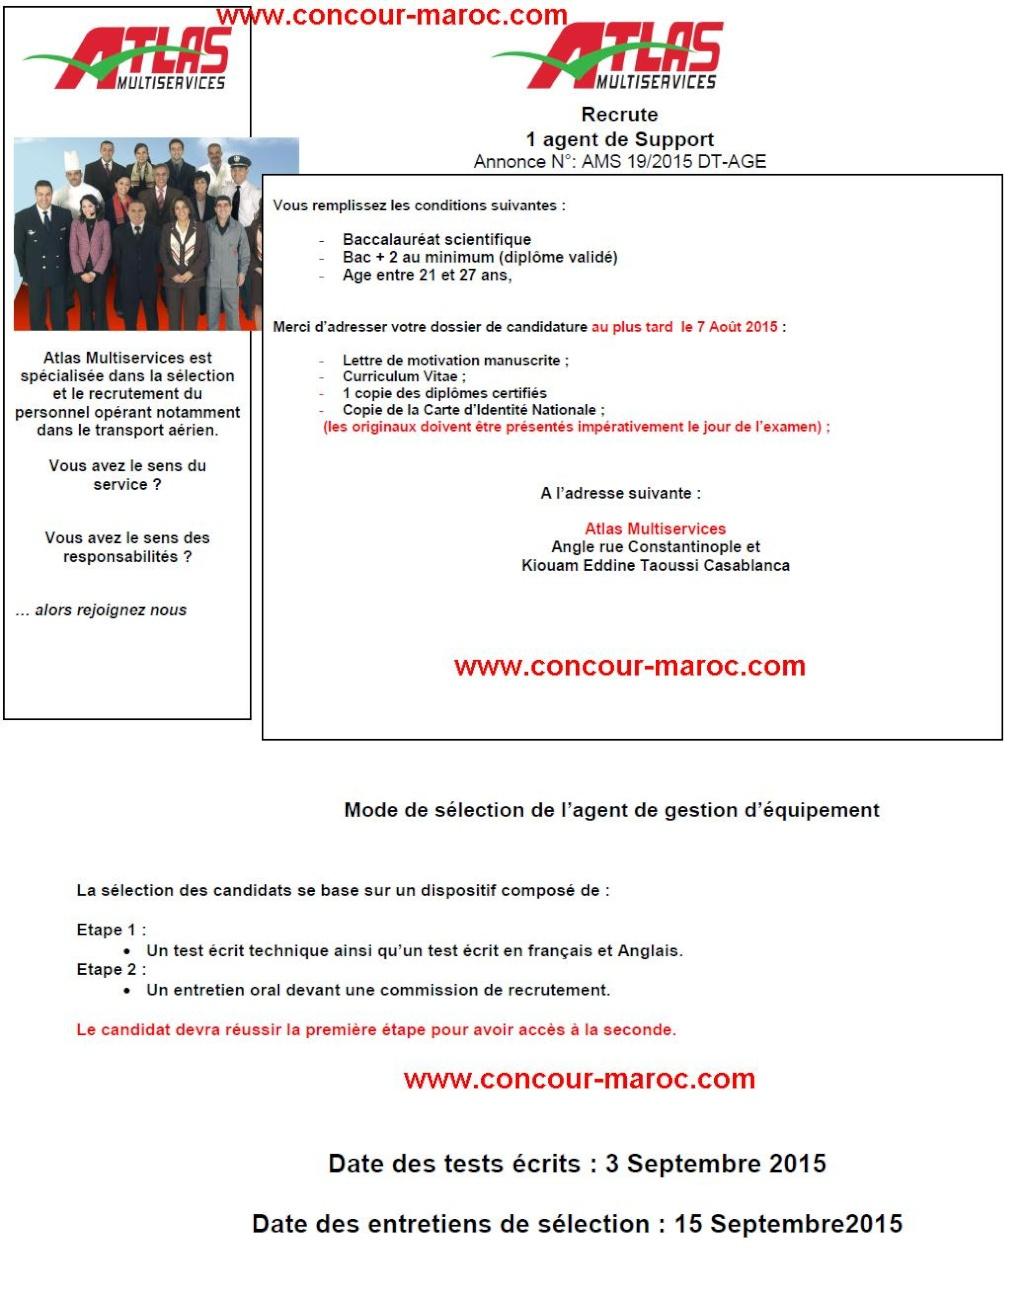 أطلس مولتي سيرفيس : مباراة لتوظيف عون مكتب (1 منصب) آخر أجل لإيداع الترشيحات 7 غشت 2015 Conco106